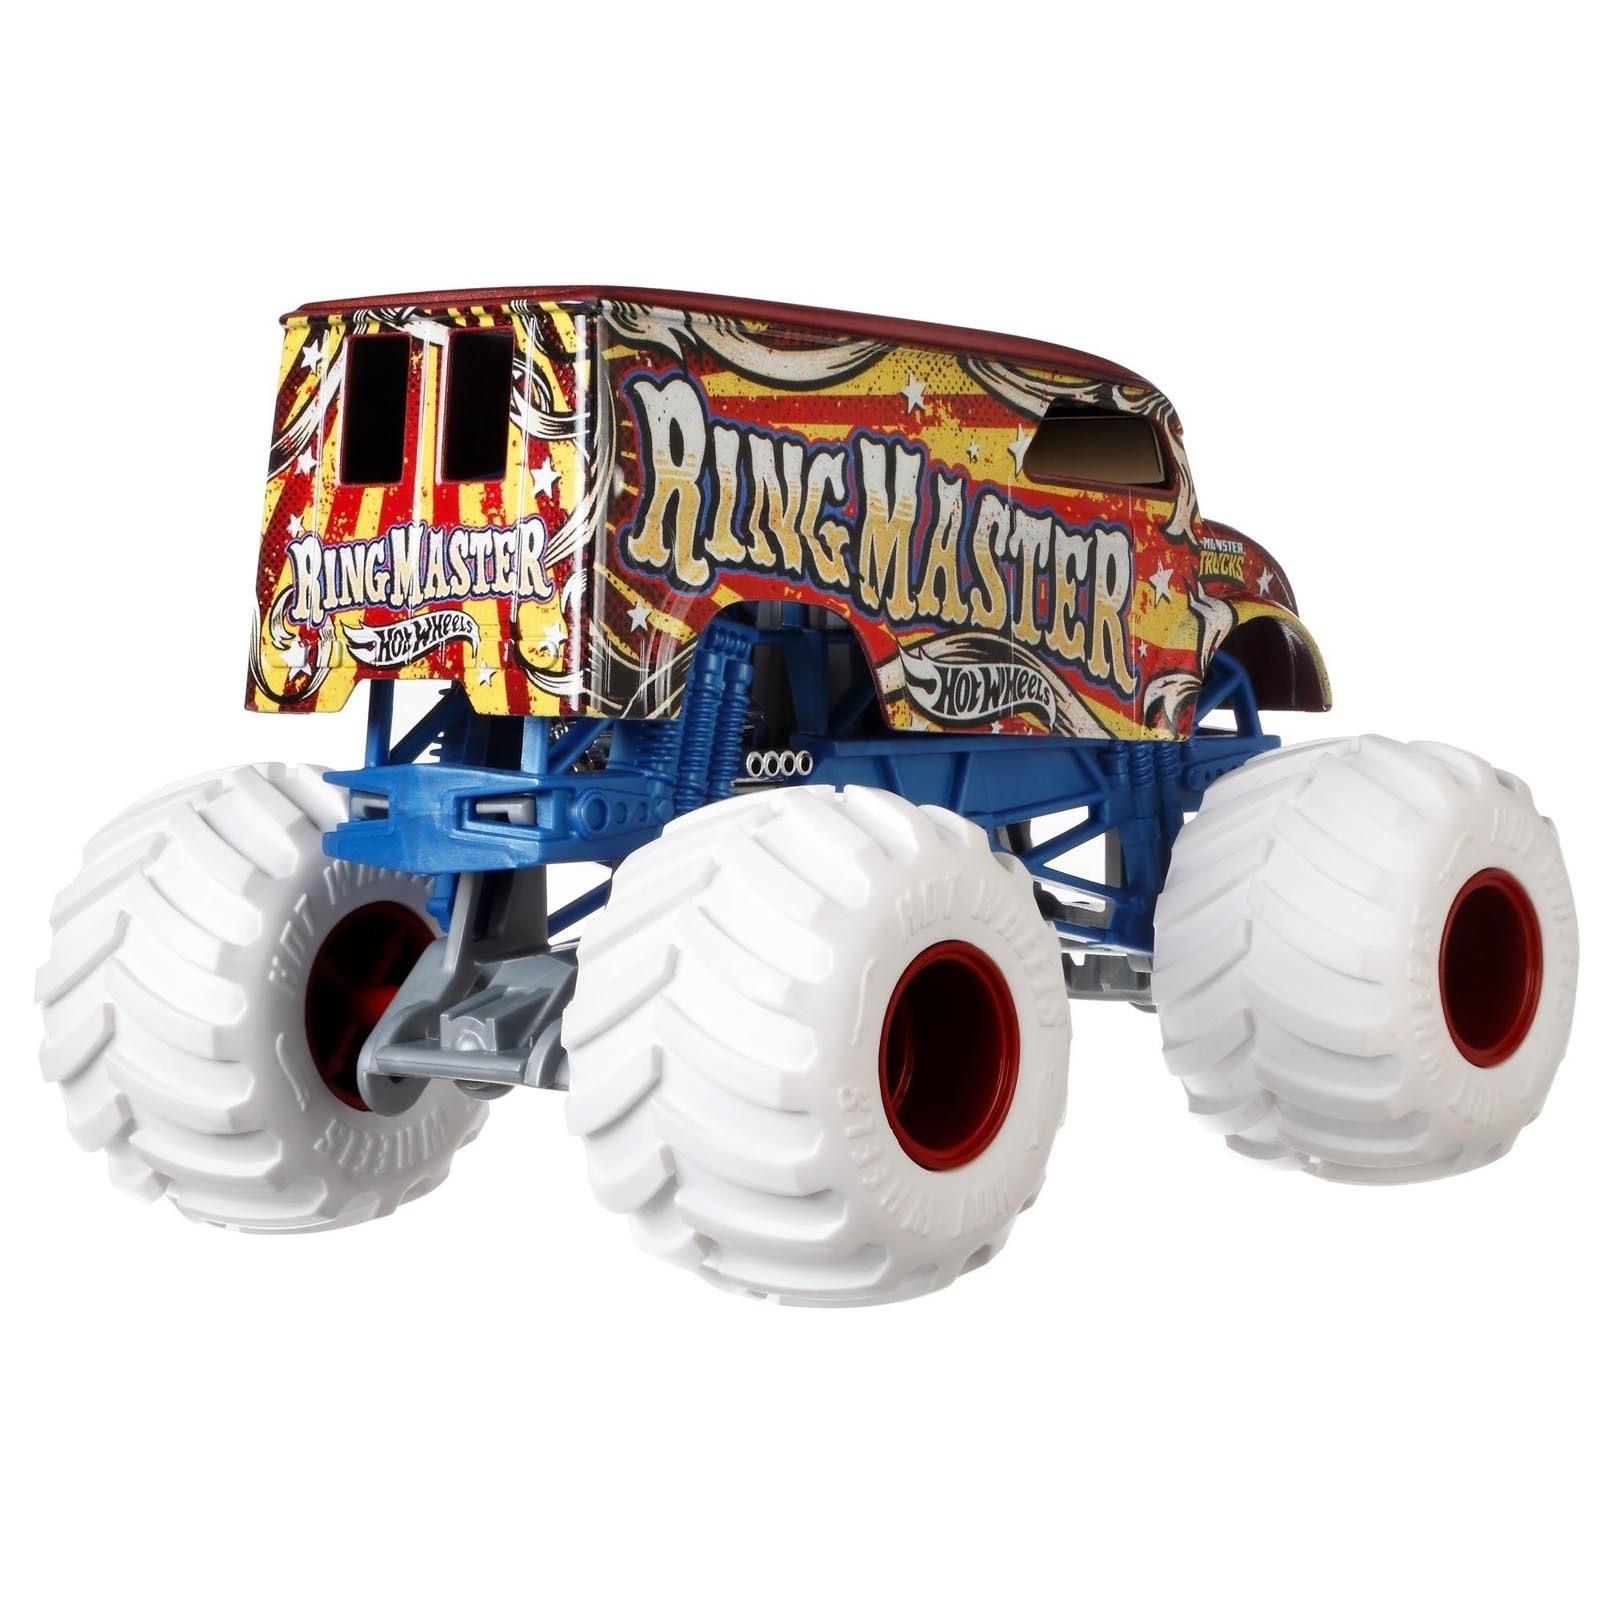 Hot Wheels - 1:24 - Ring Master - Monster Trucks - GCX16